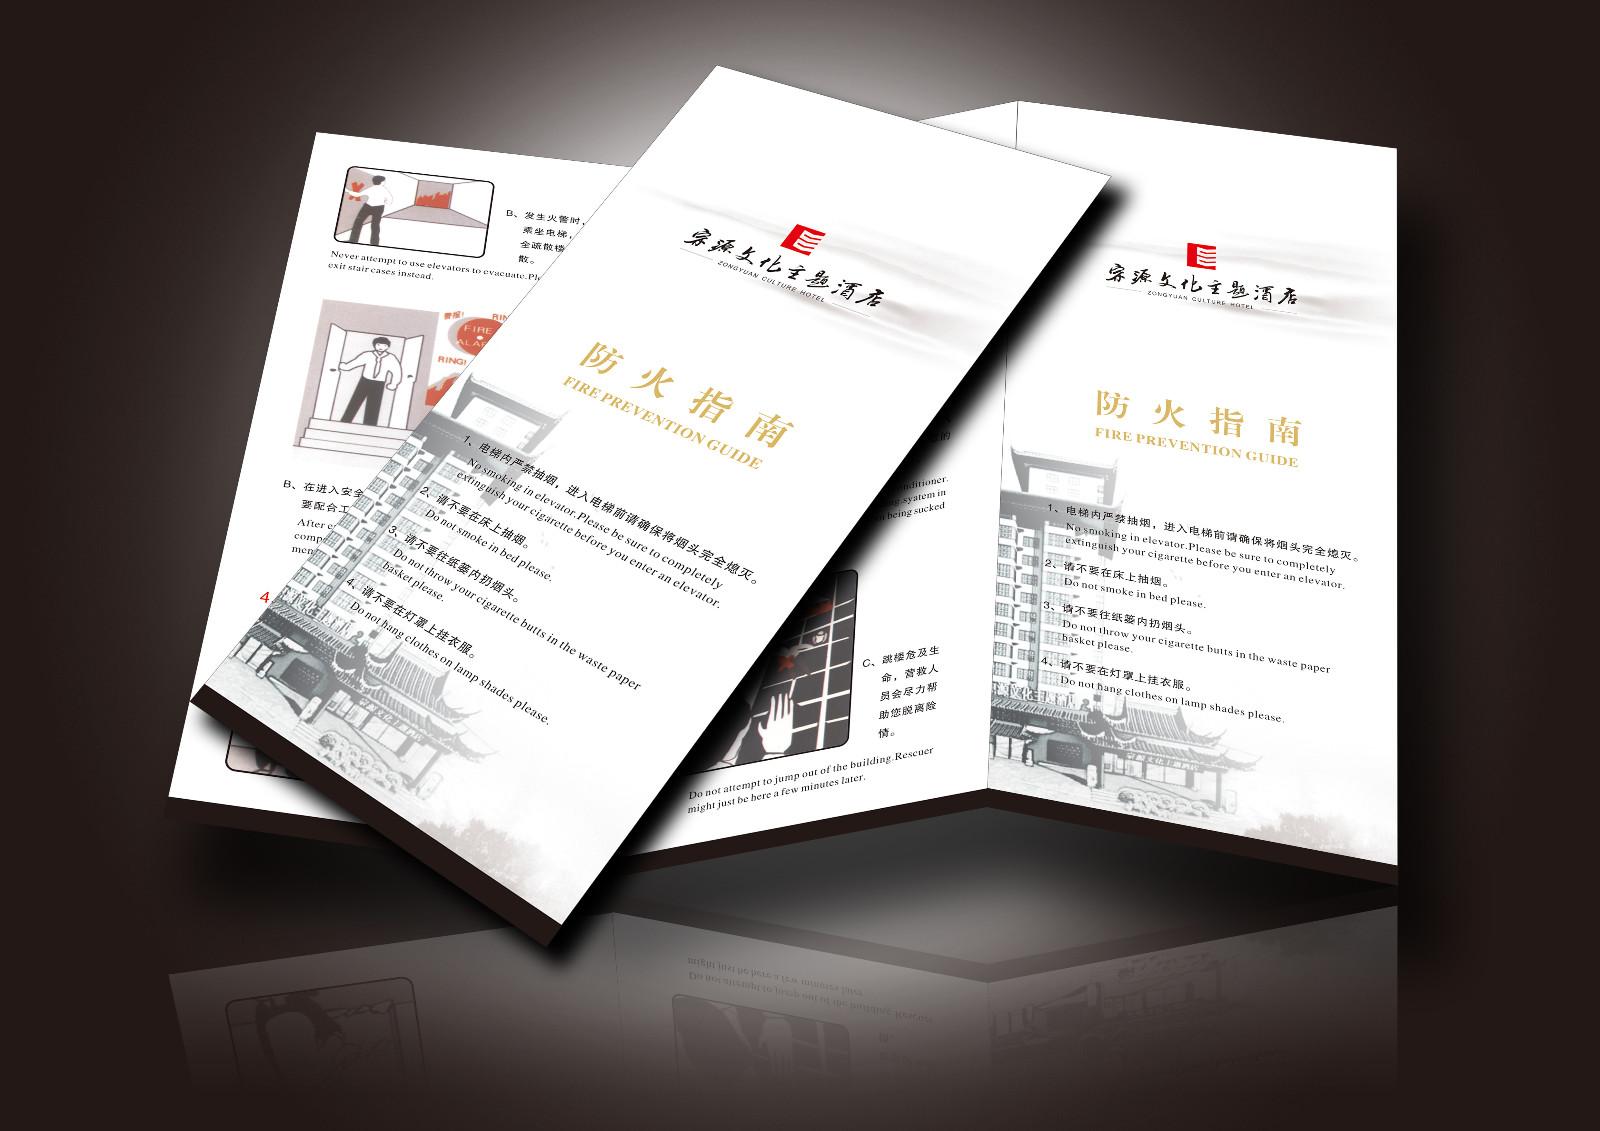 介绍一下烟包印刷印后加工工艺_【重庆印刷公司】